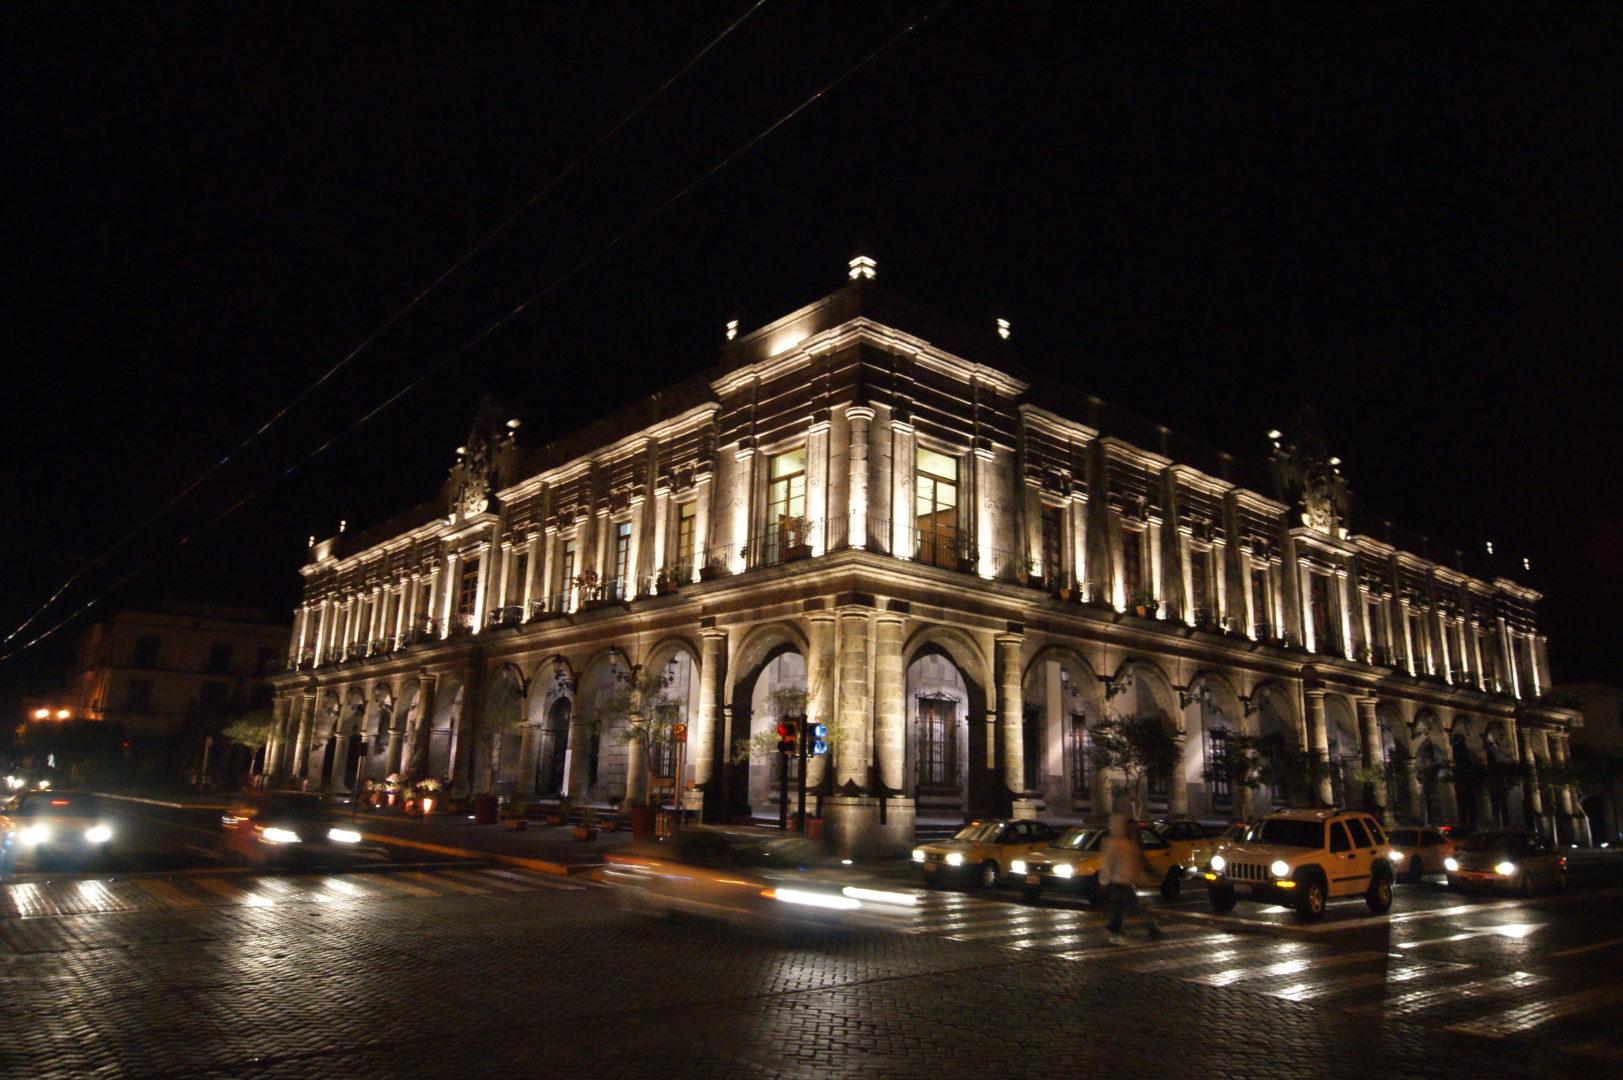 Zona Metropolitana de Guadalajara